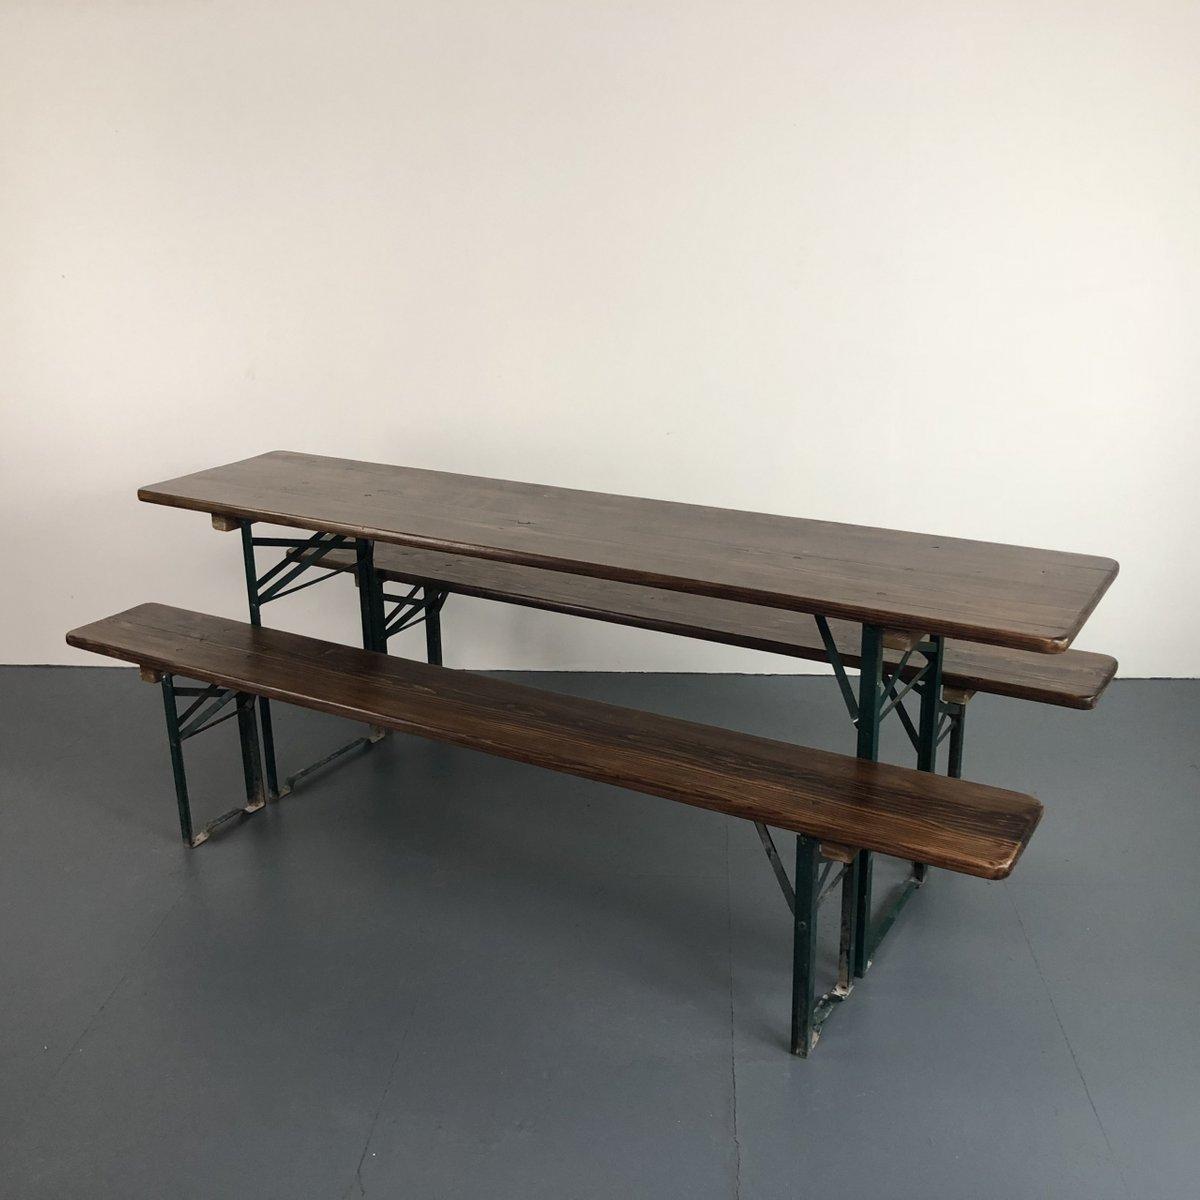 Deutscher Vintage Tisch & Bänke